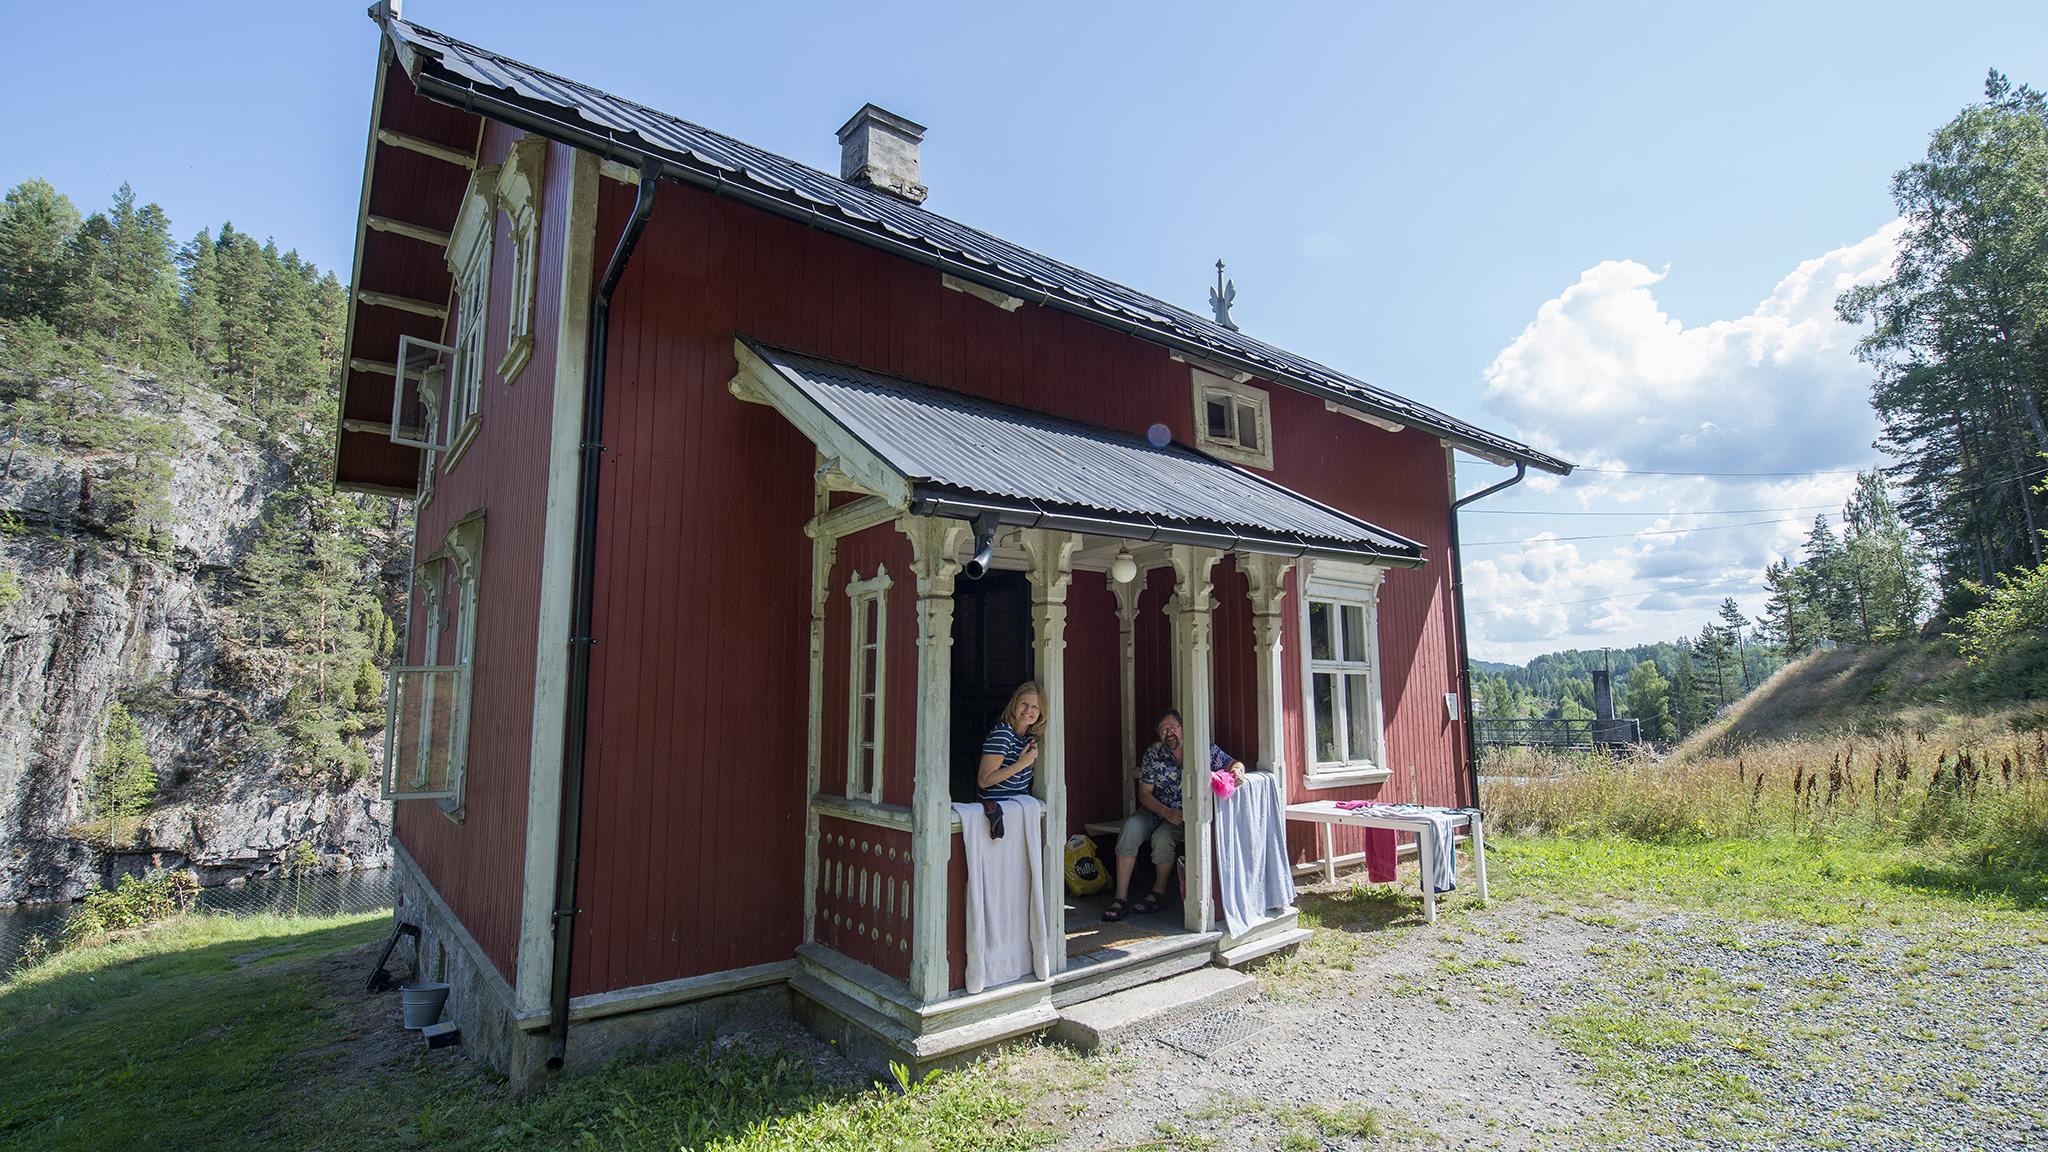 Før bodde det to vokterfamilier i huset. Nå har turistene flyttet inn.